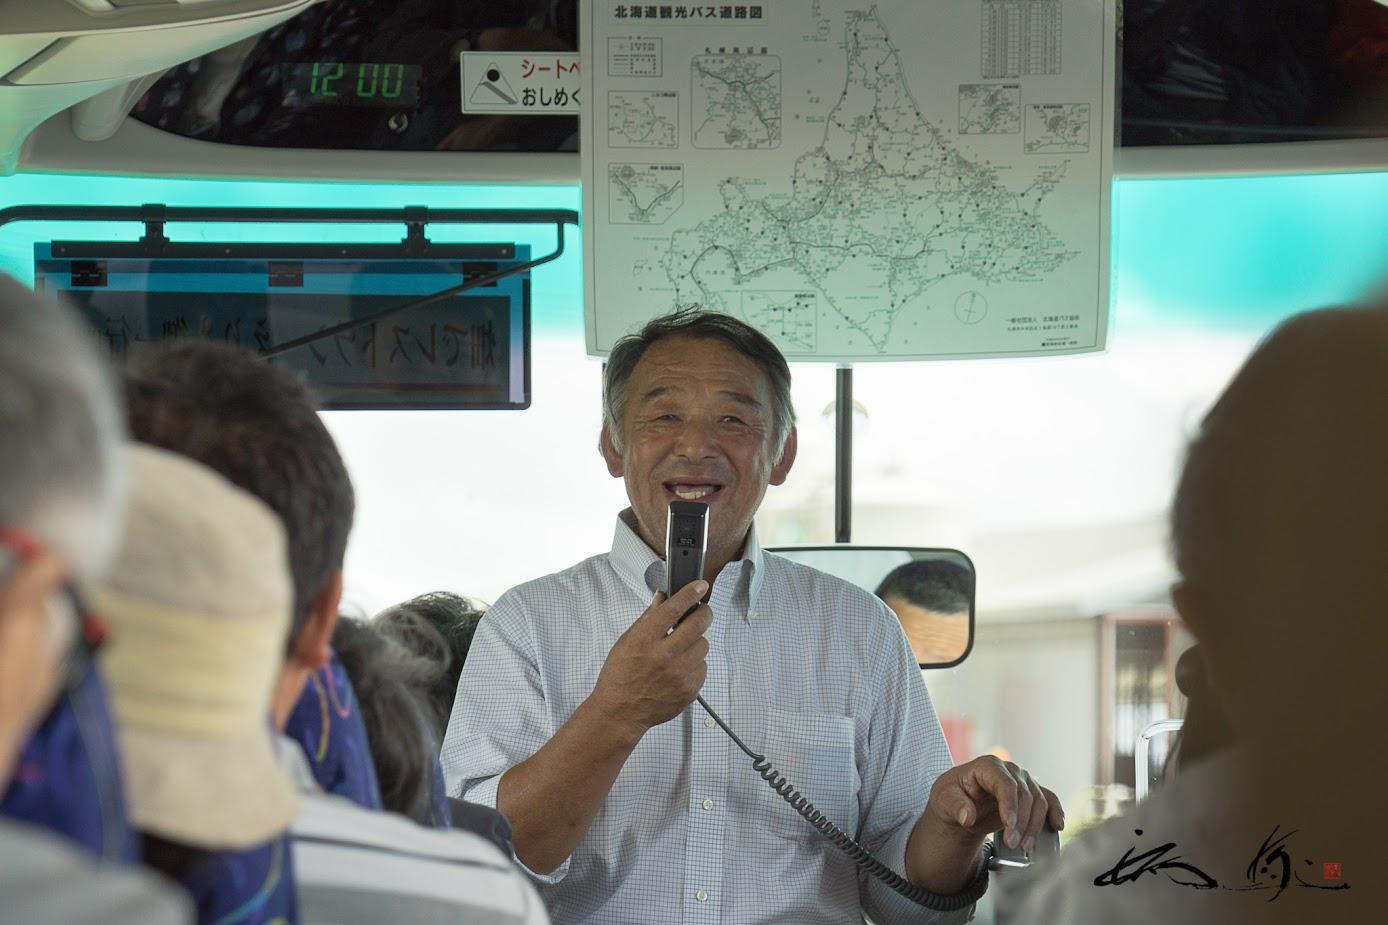 バスの中で説明される高橋さん